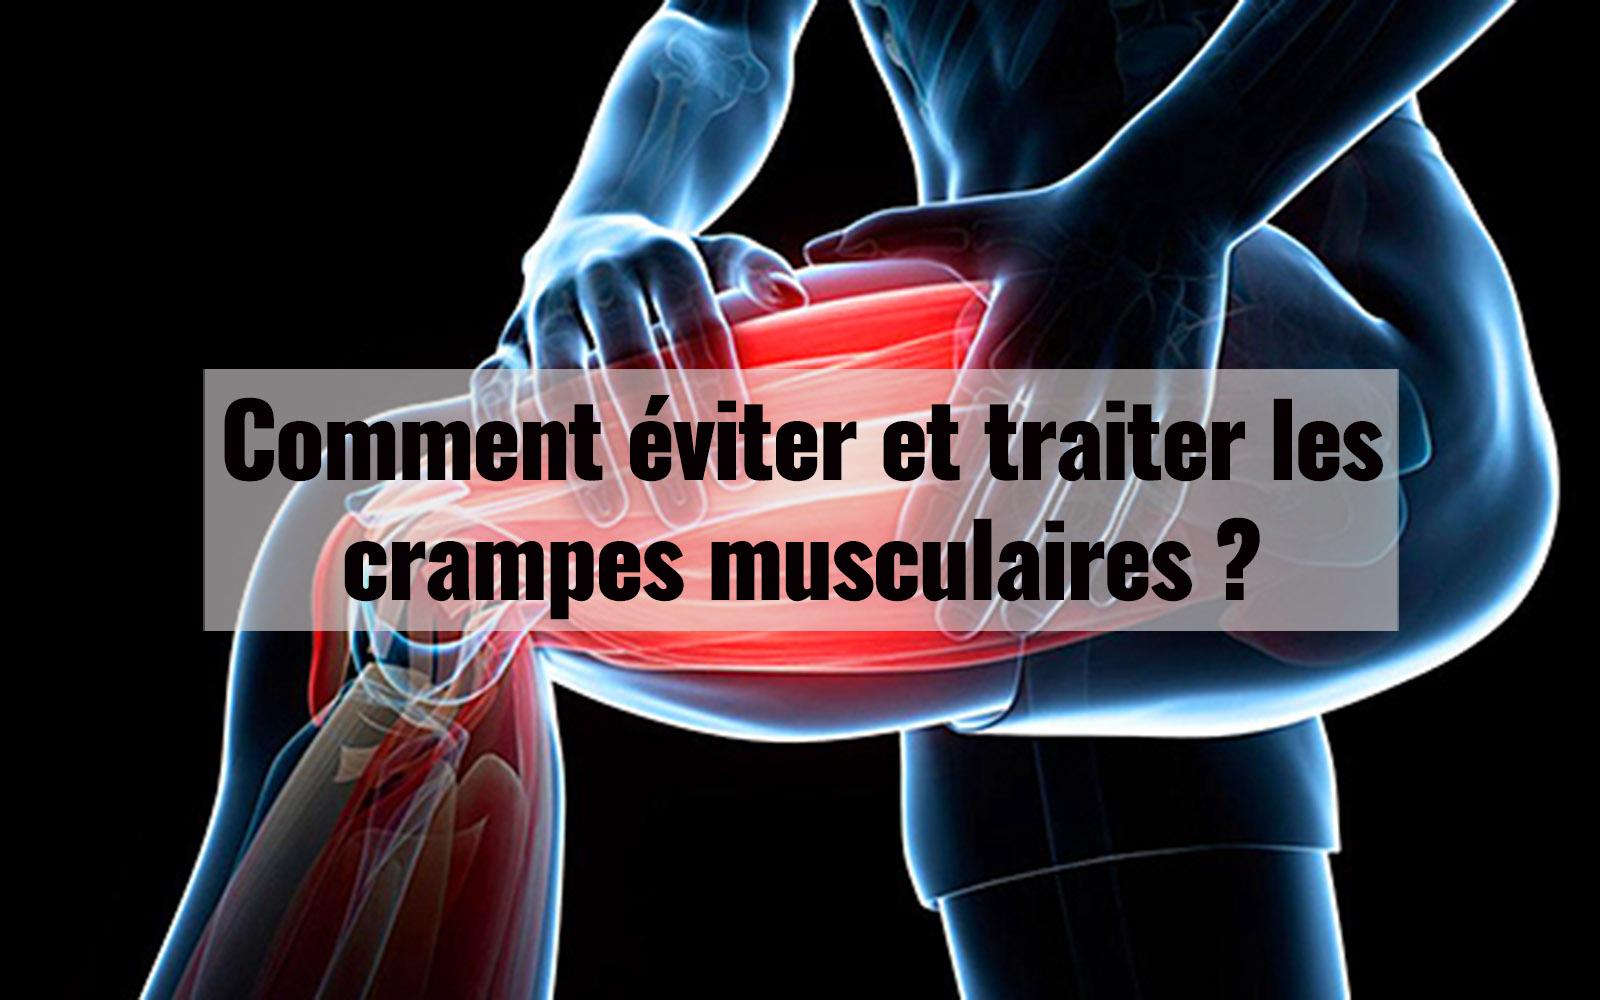 Comment éviter et traiter les crampes musculaires ?